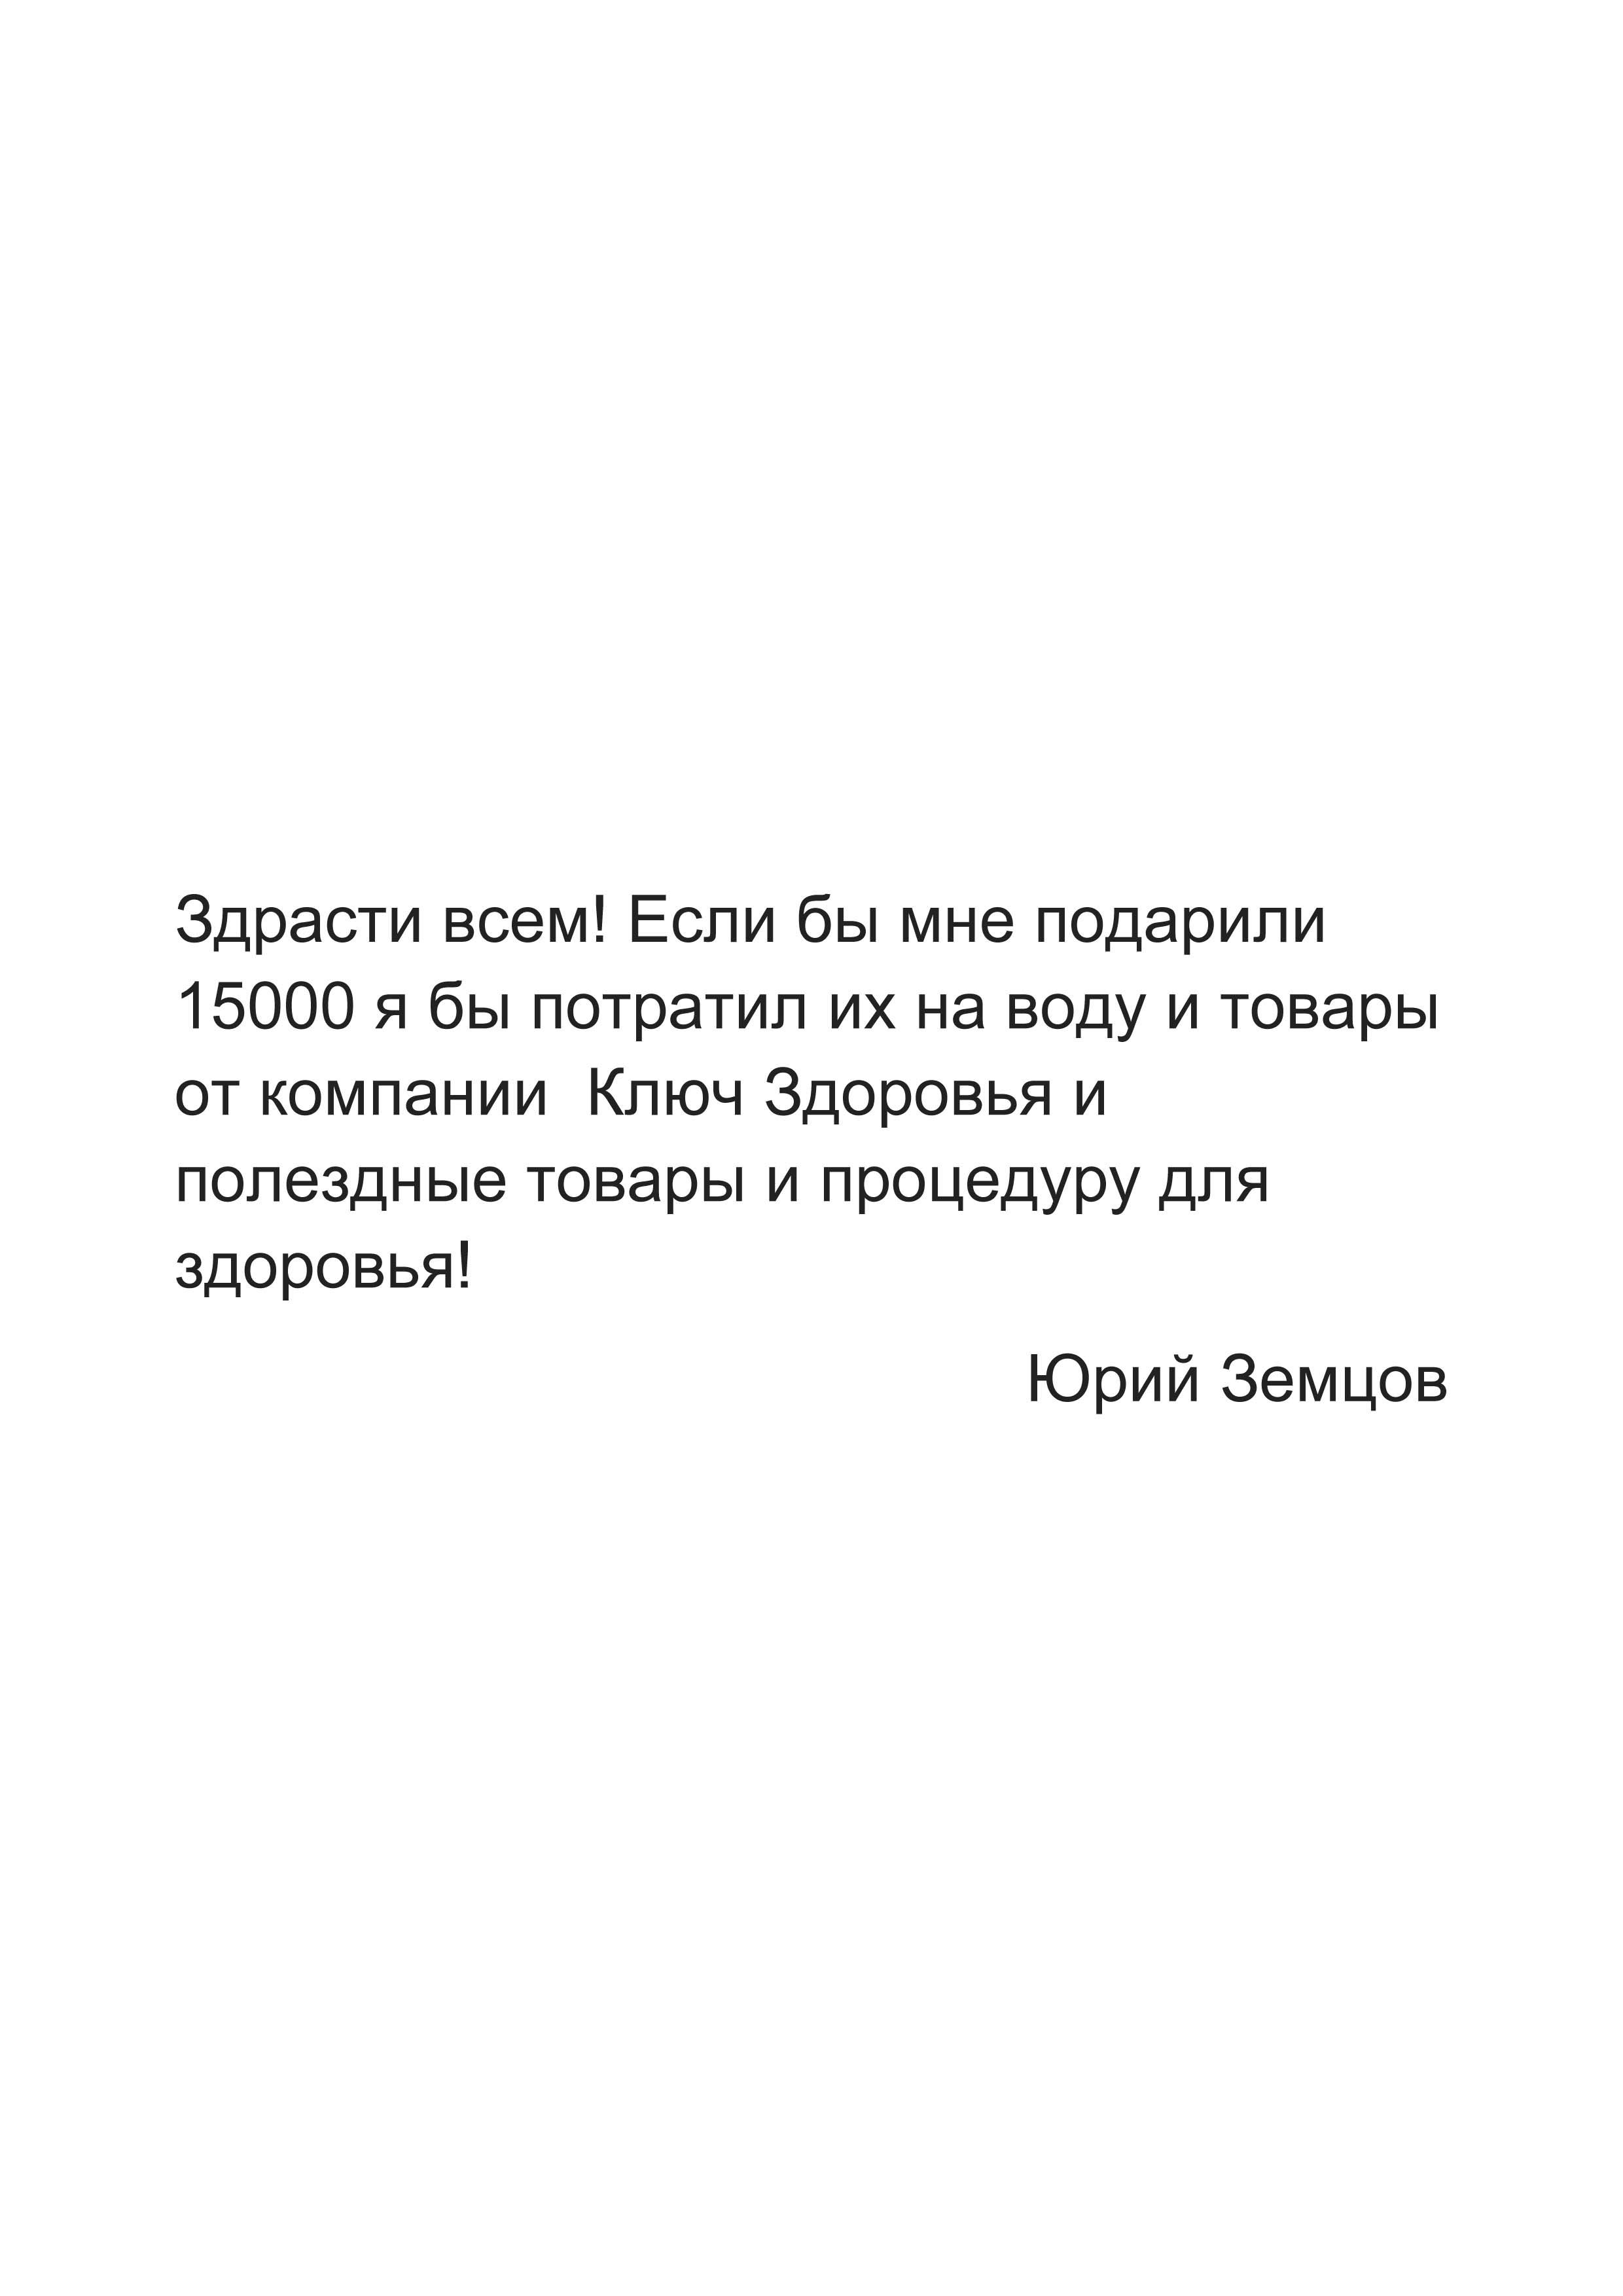 Юрий Земцов